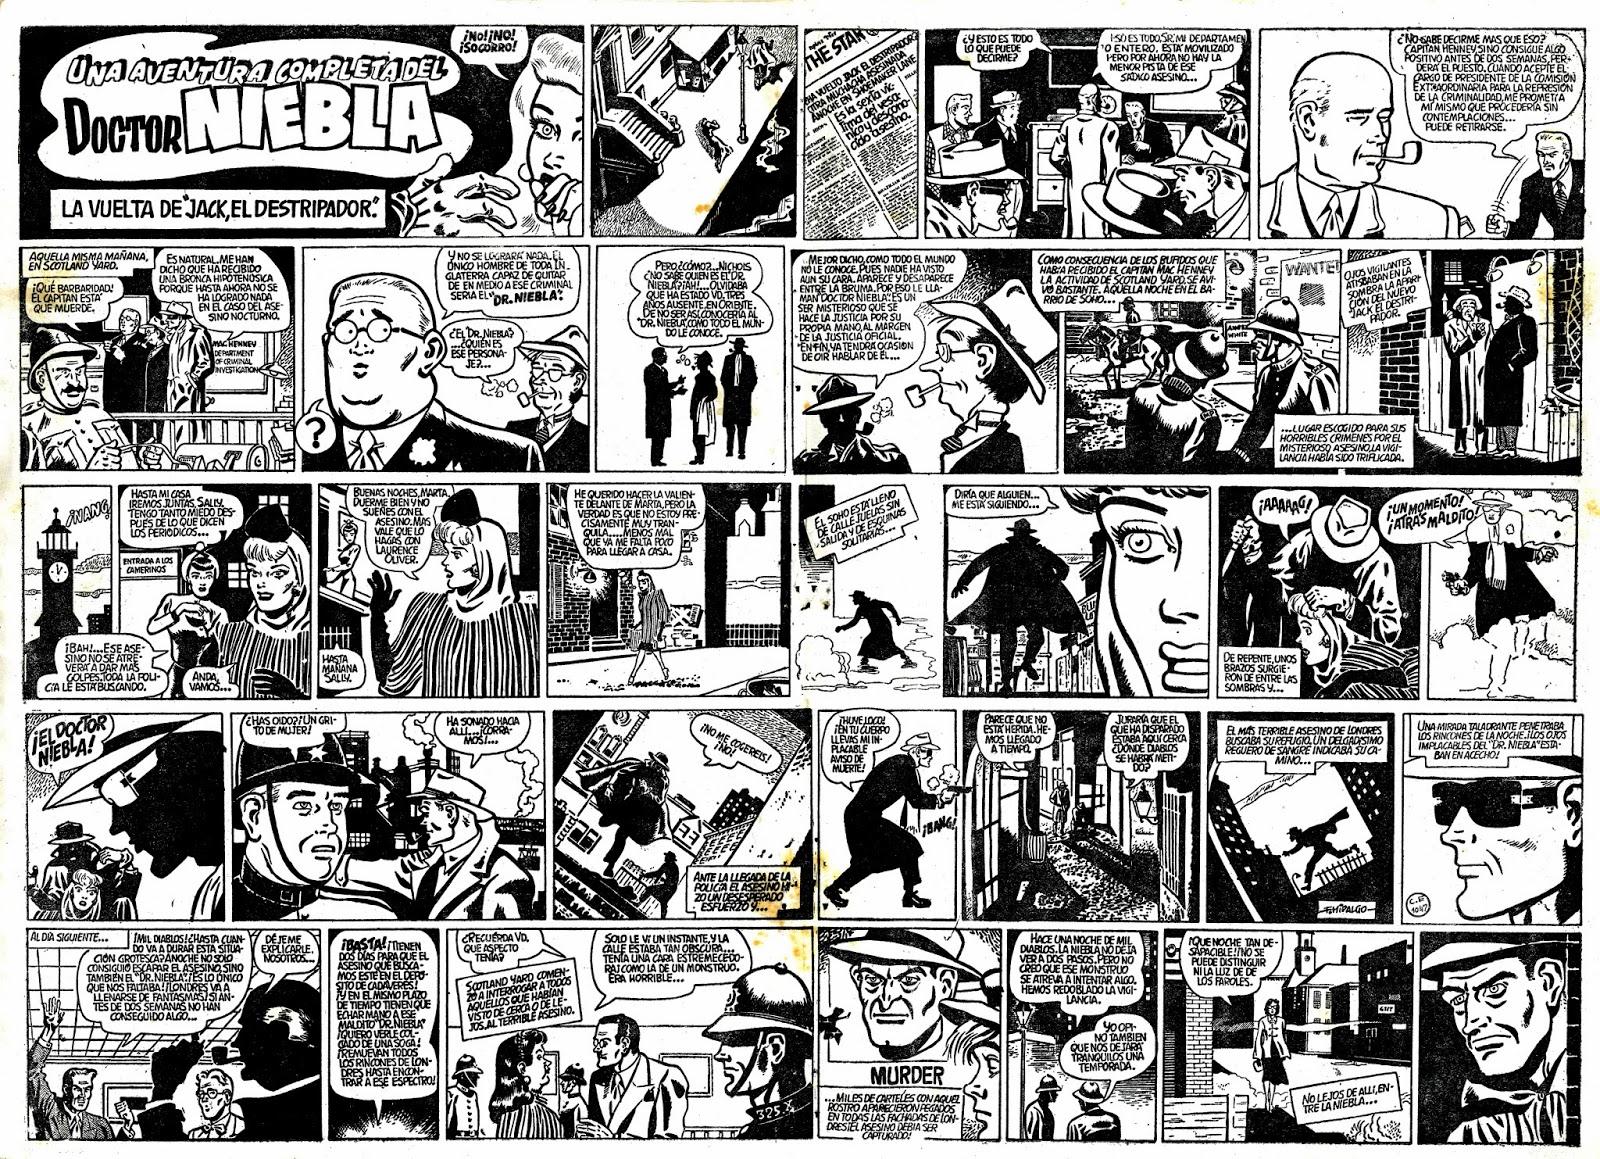 « Aventuras del Doctor Niebla » par Francisco Hidalgo et Douglas L. Templewood.